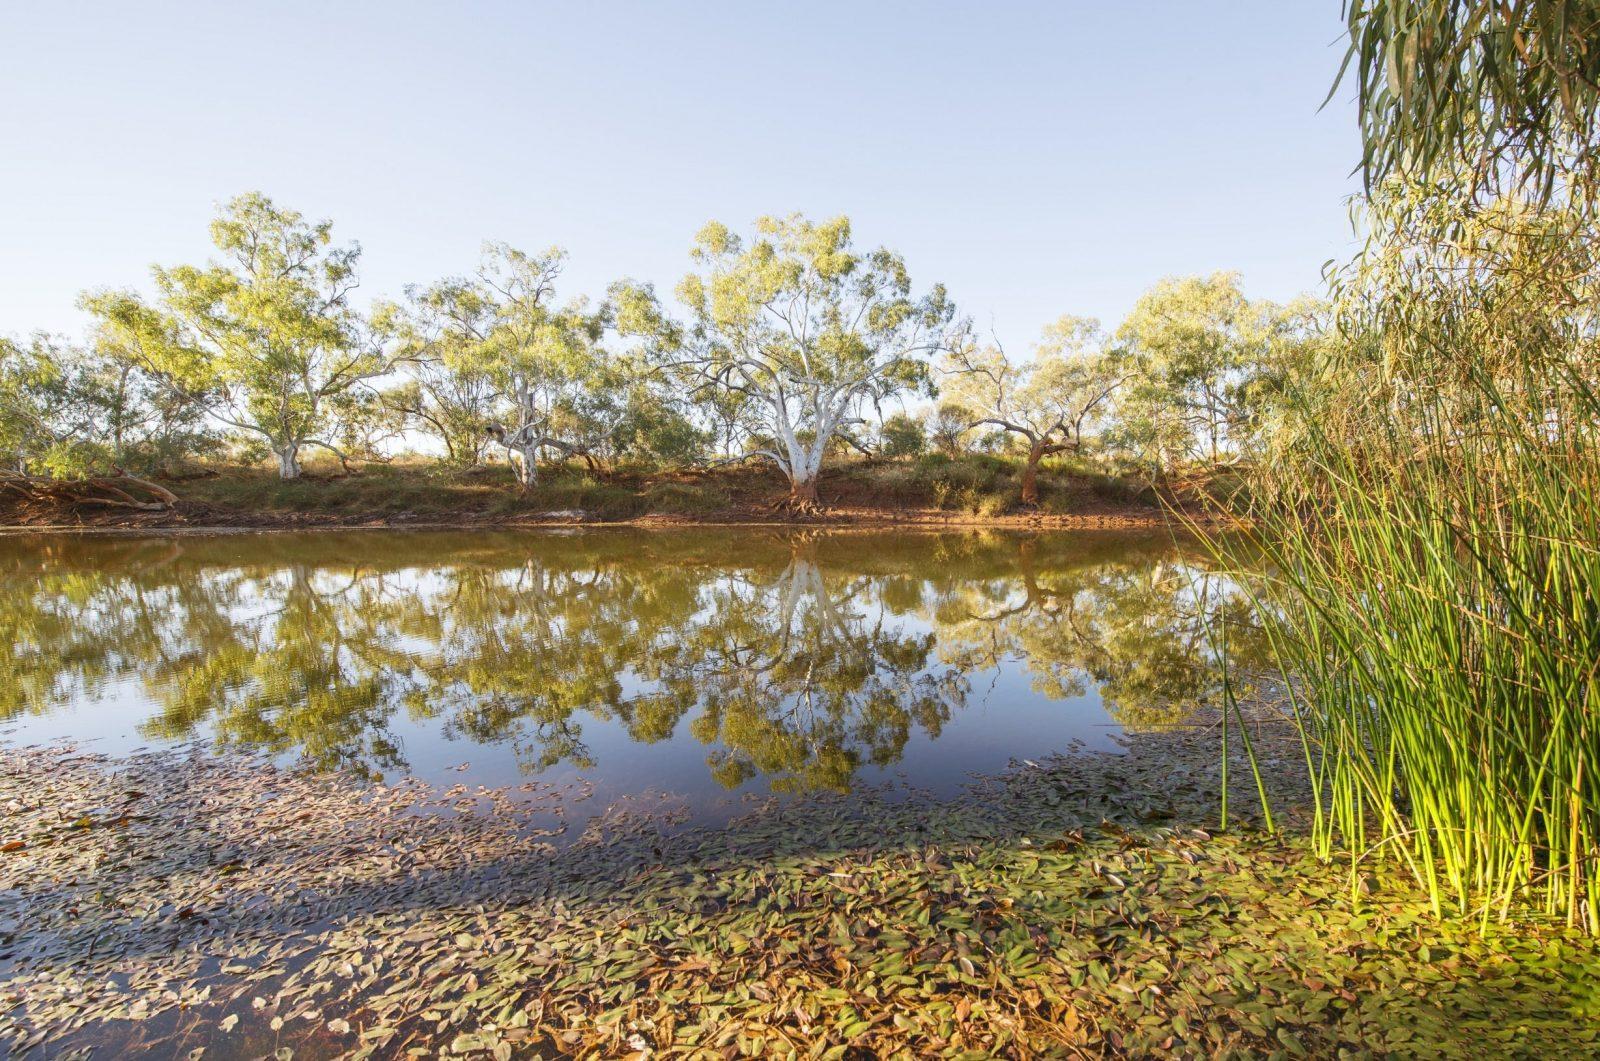 Goolinee - Cattle Pool, Mt Augustus, Western Australia